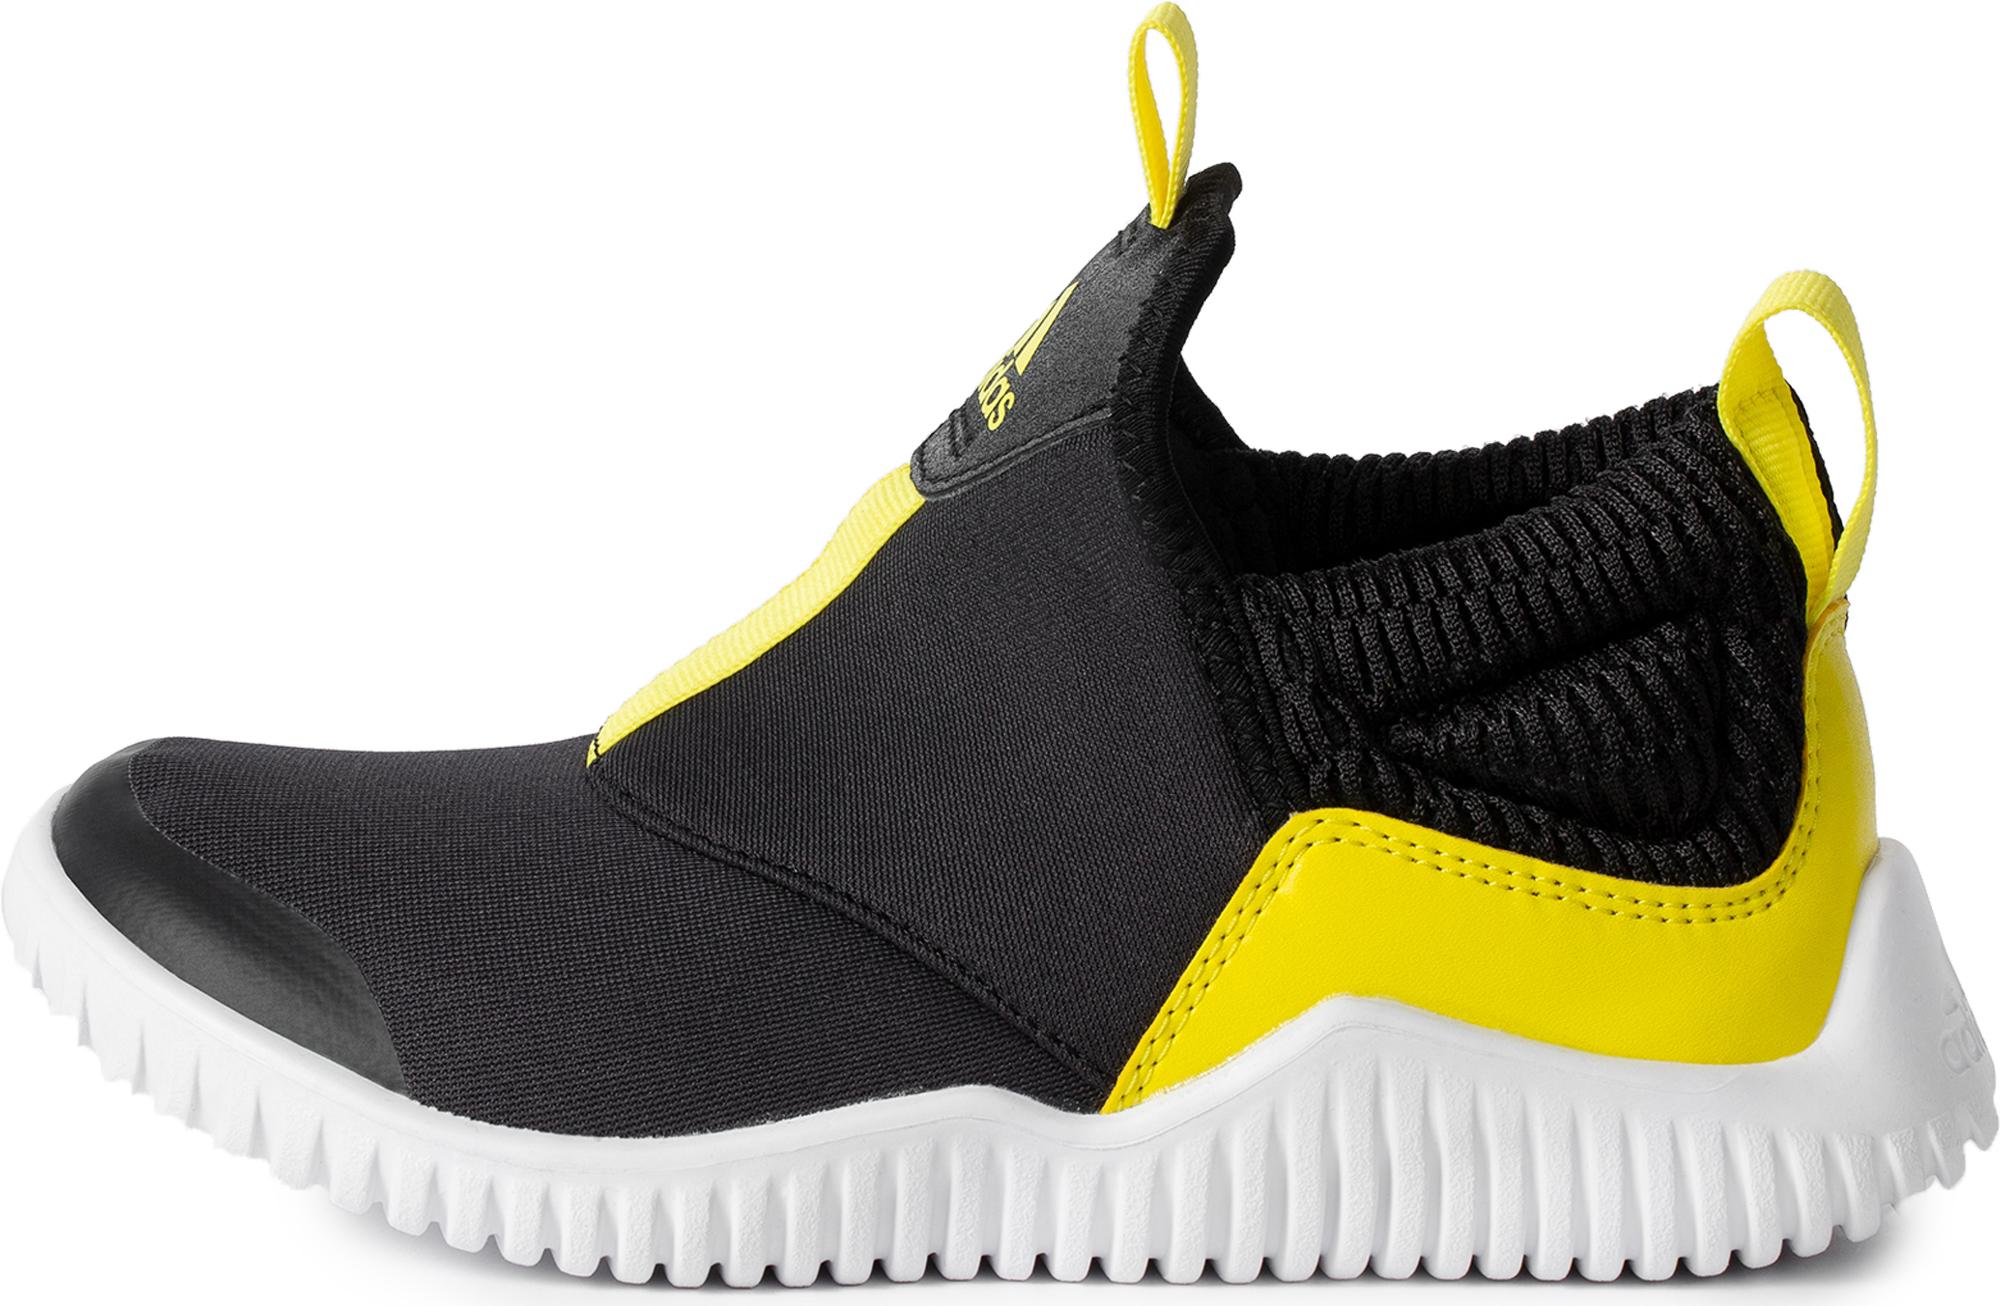 Adidas Кроссовки для мальчиков Adidas RapidaZen, размер 29 кроссовки детские adidas цвет белый cg6708 размер 31 19